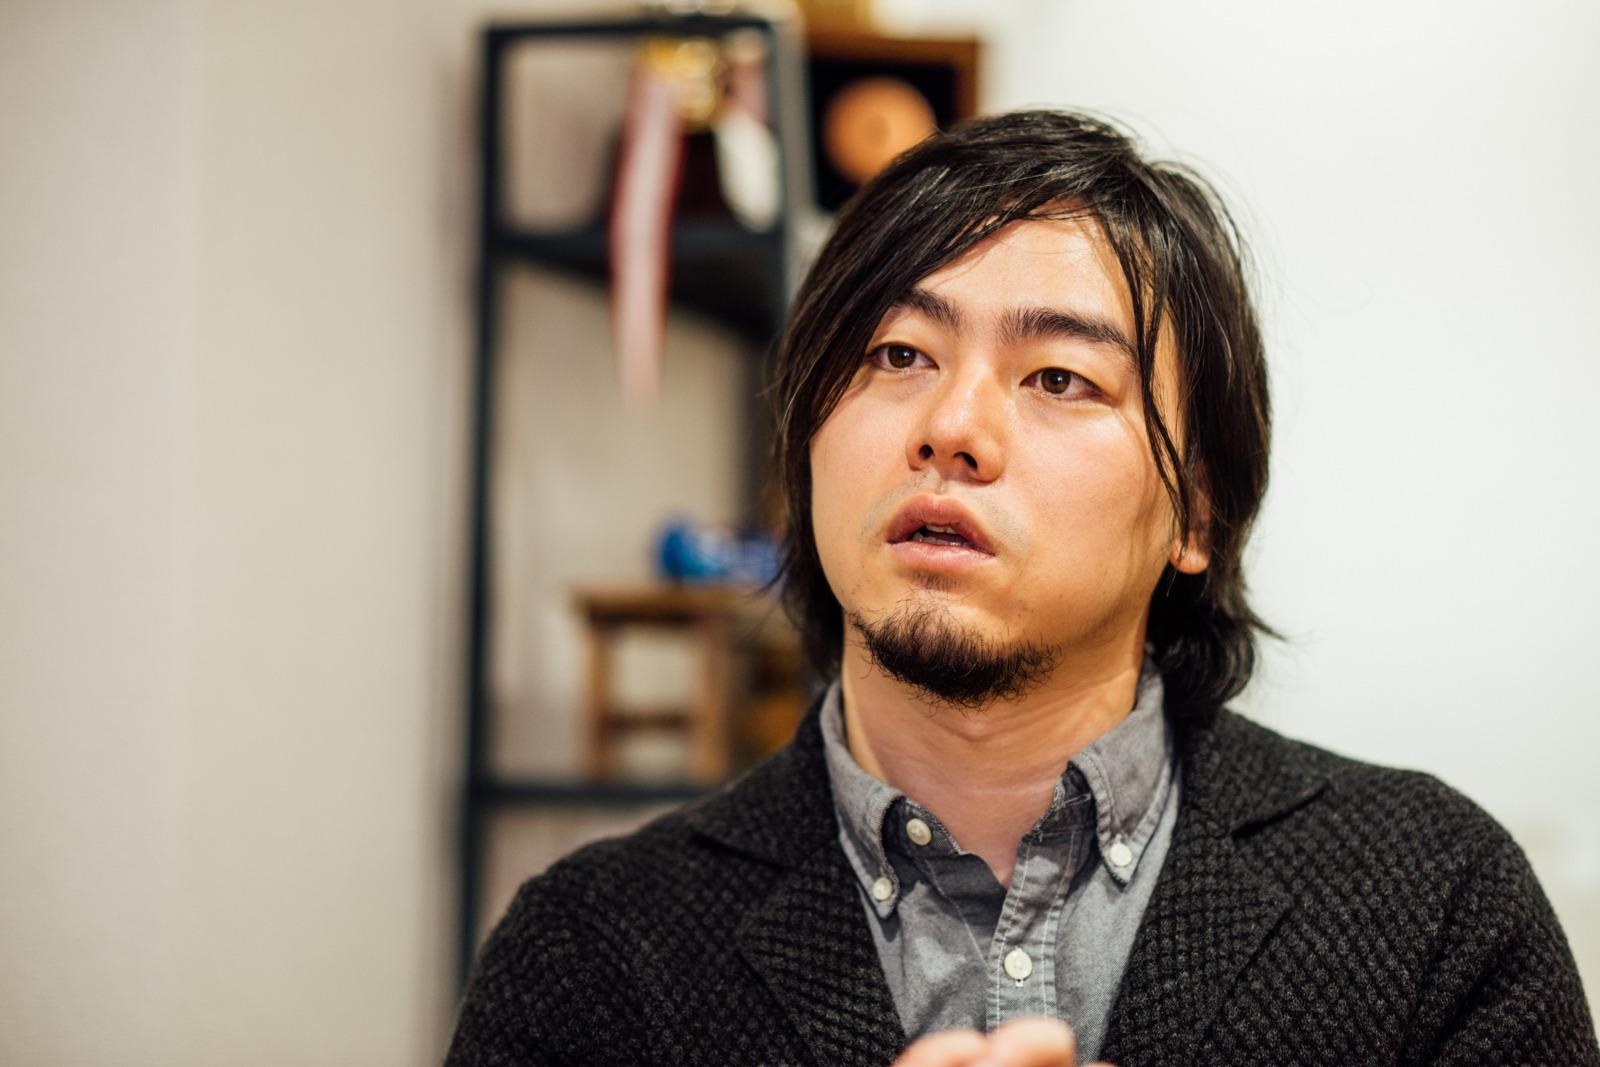 スタートアップの経営者が向き合うべき「生産性」–キャスター代表 中川祥太